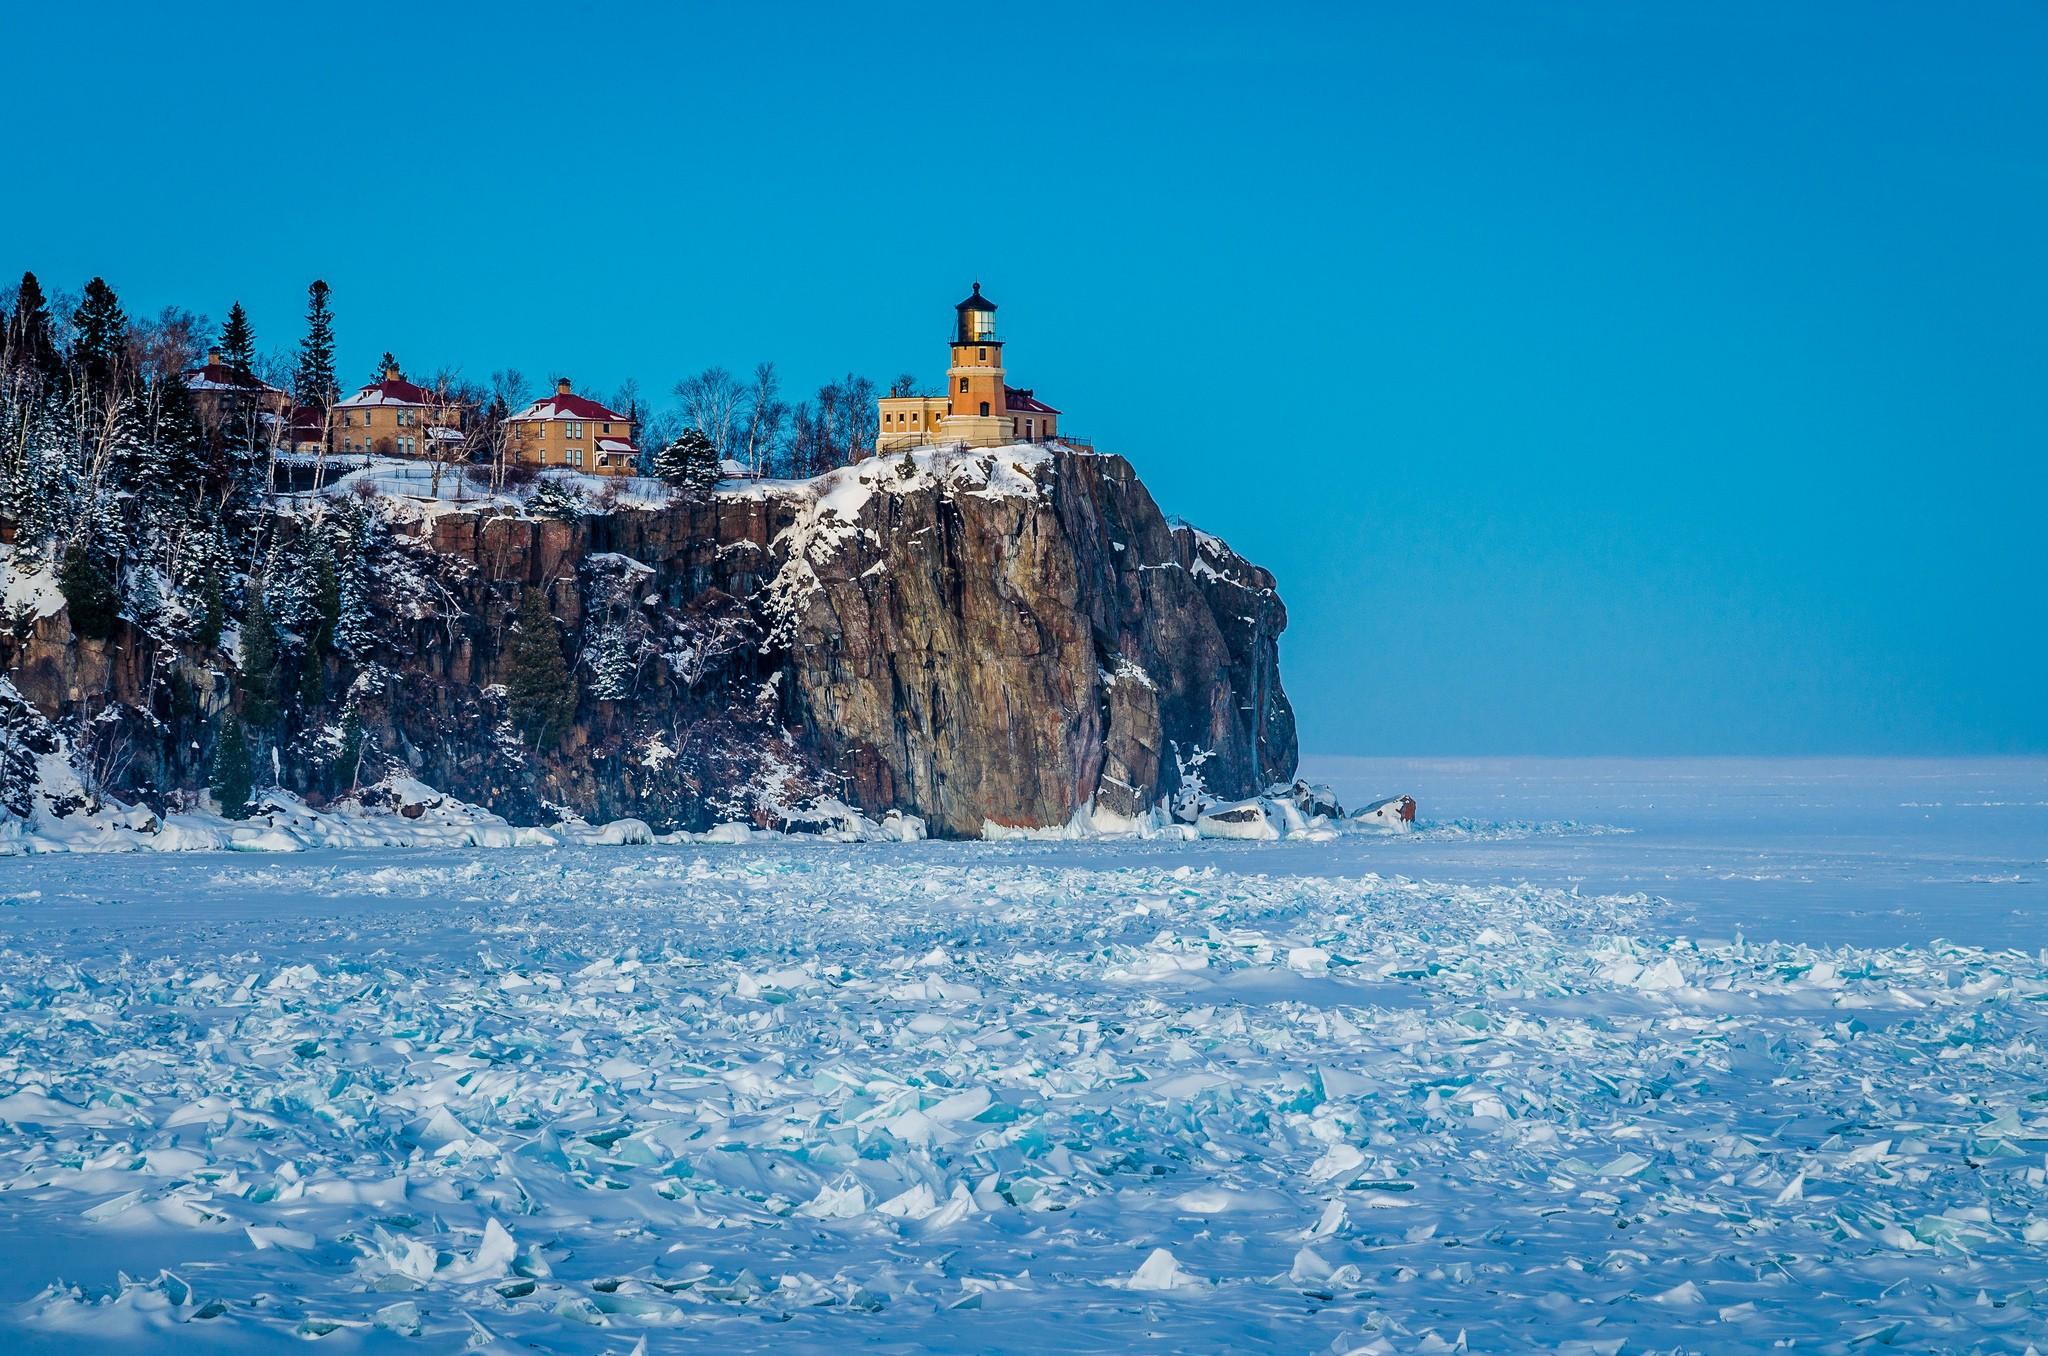 обои море зимой для рабочего стола № 632318 бесплатно